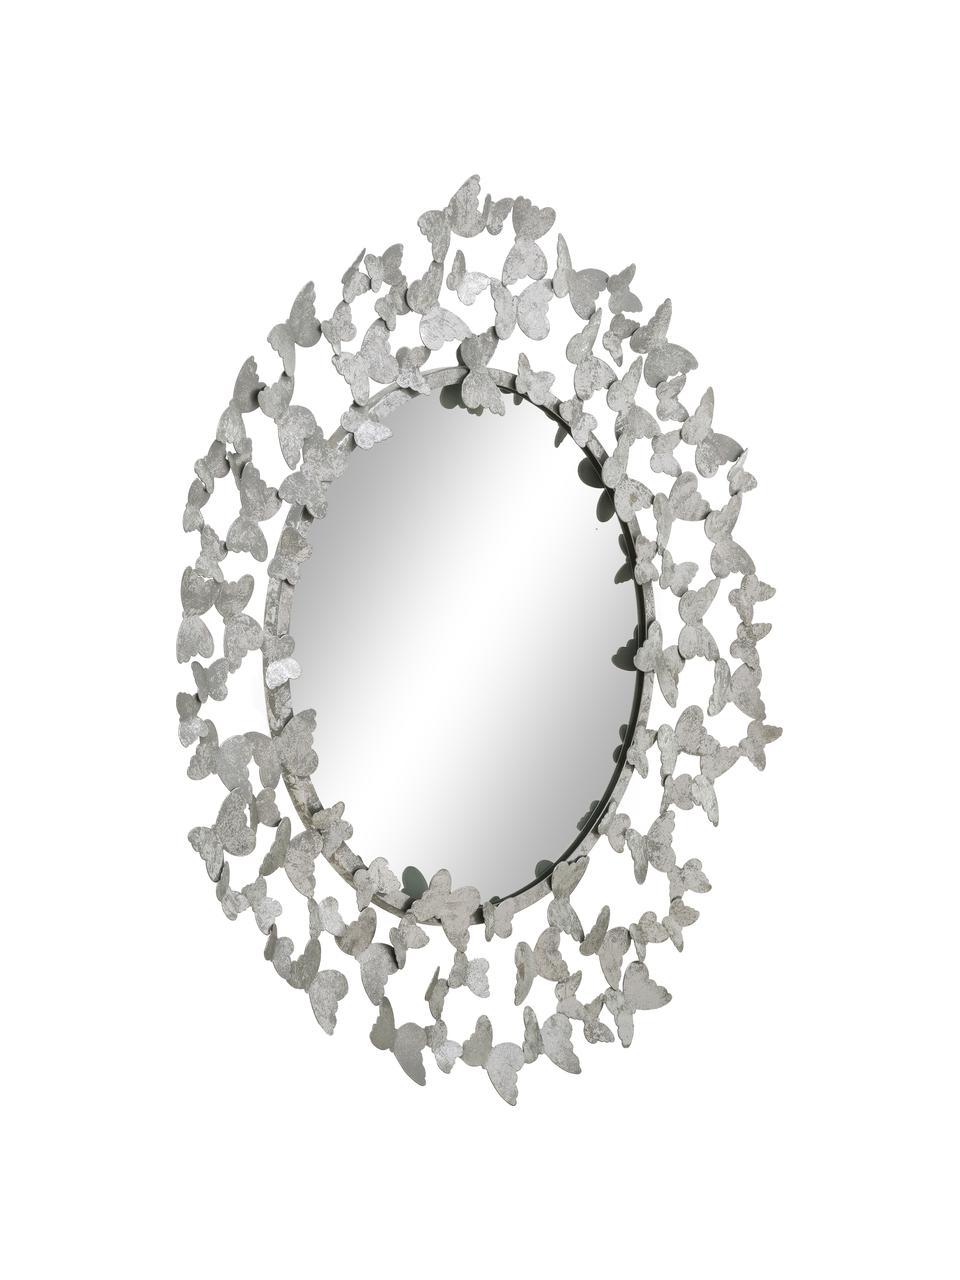 Okrągłe lustro ścienne z metalową ramą Butterfly, Odcienie srebrnego, Ø 67 x G 4 cm